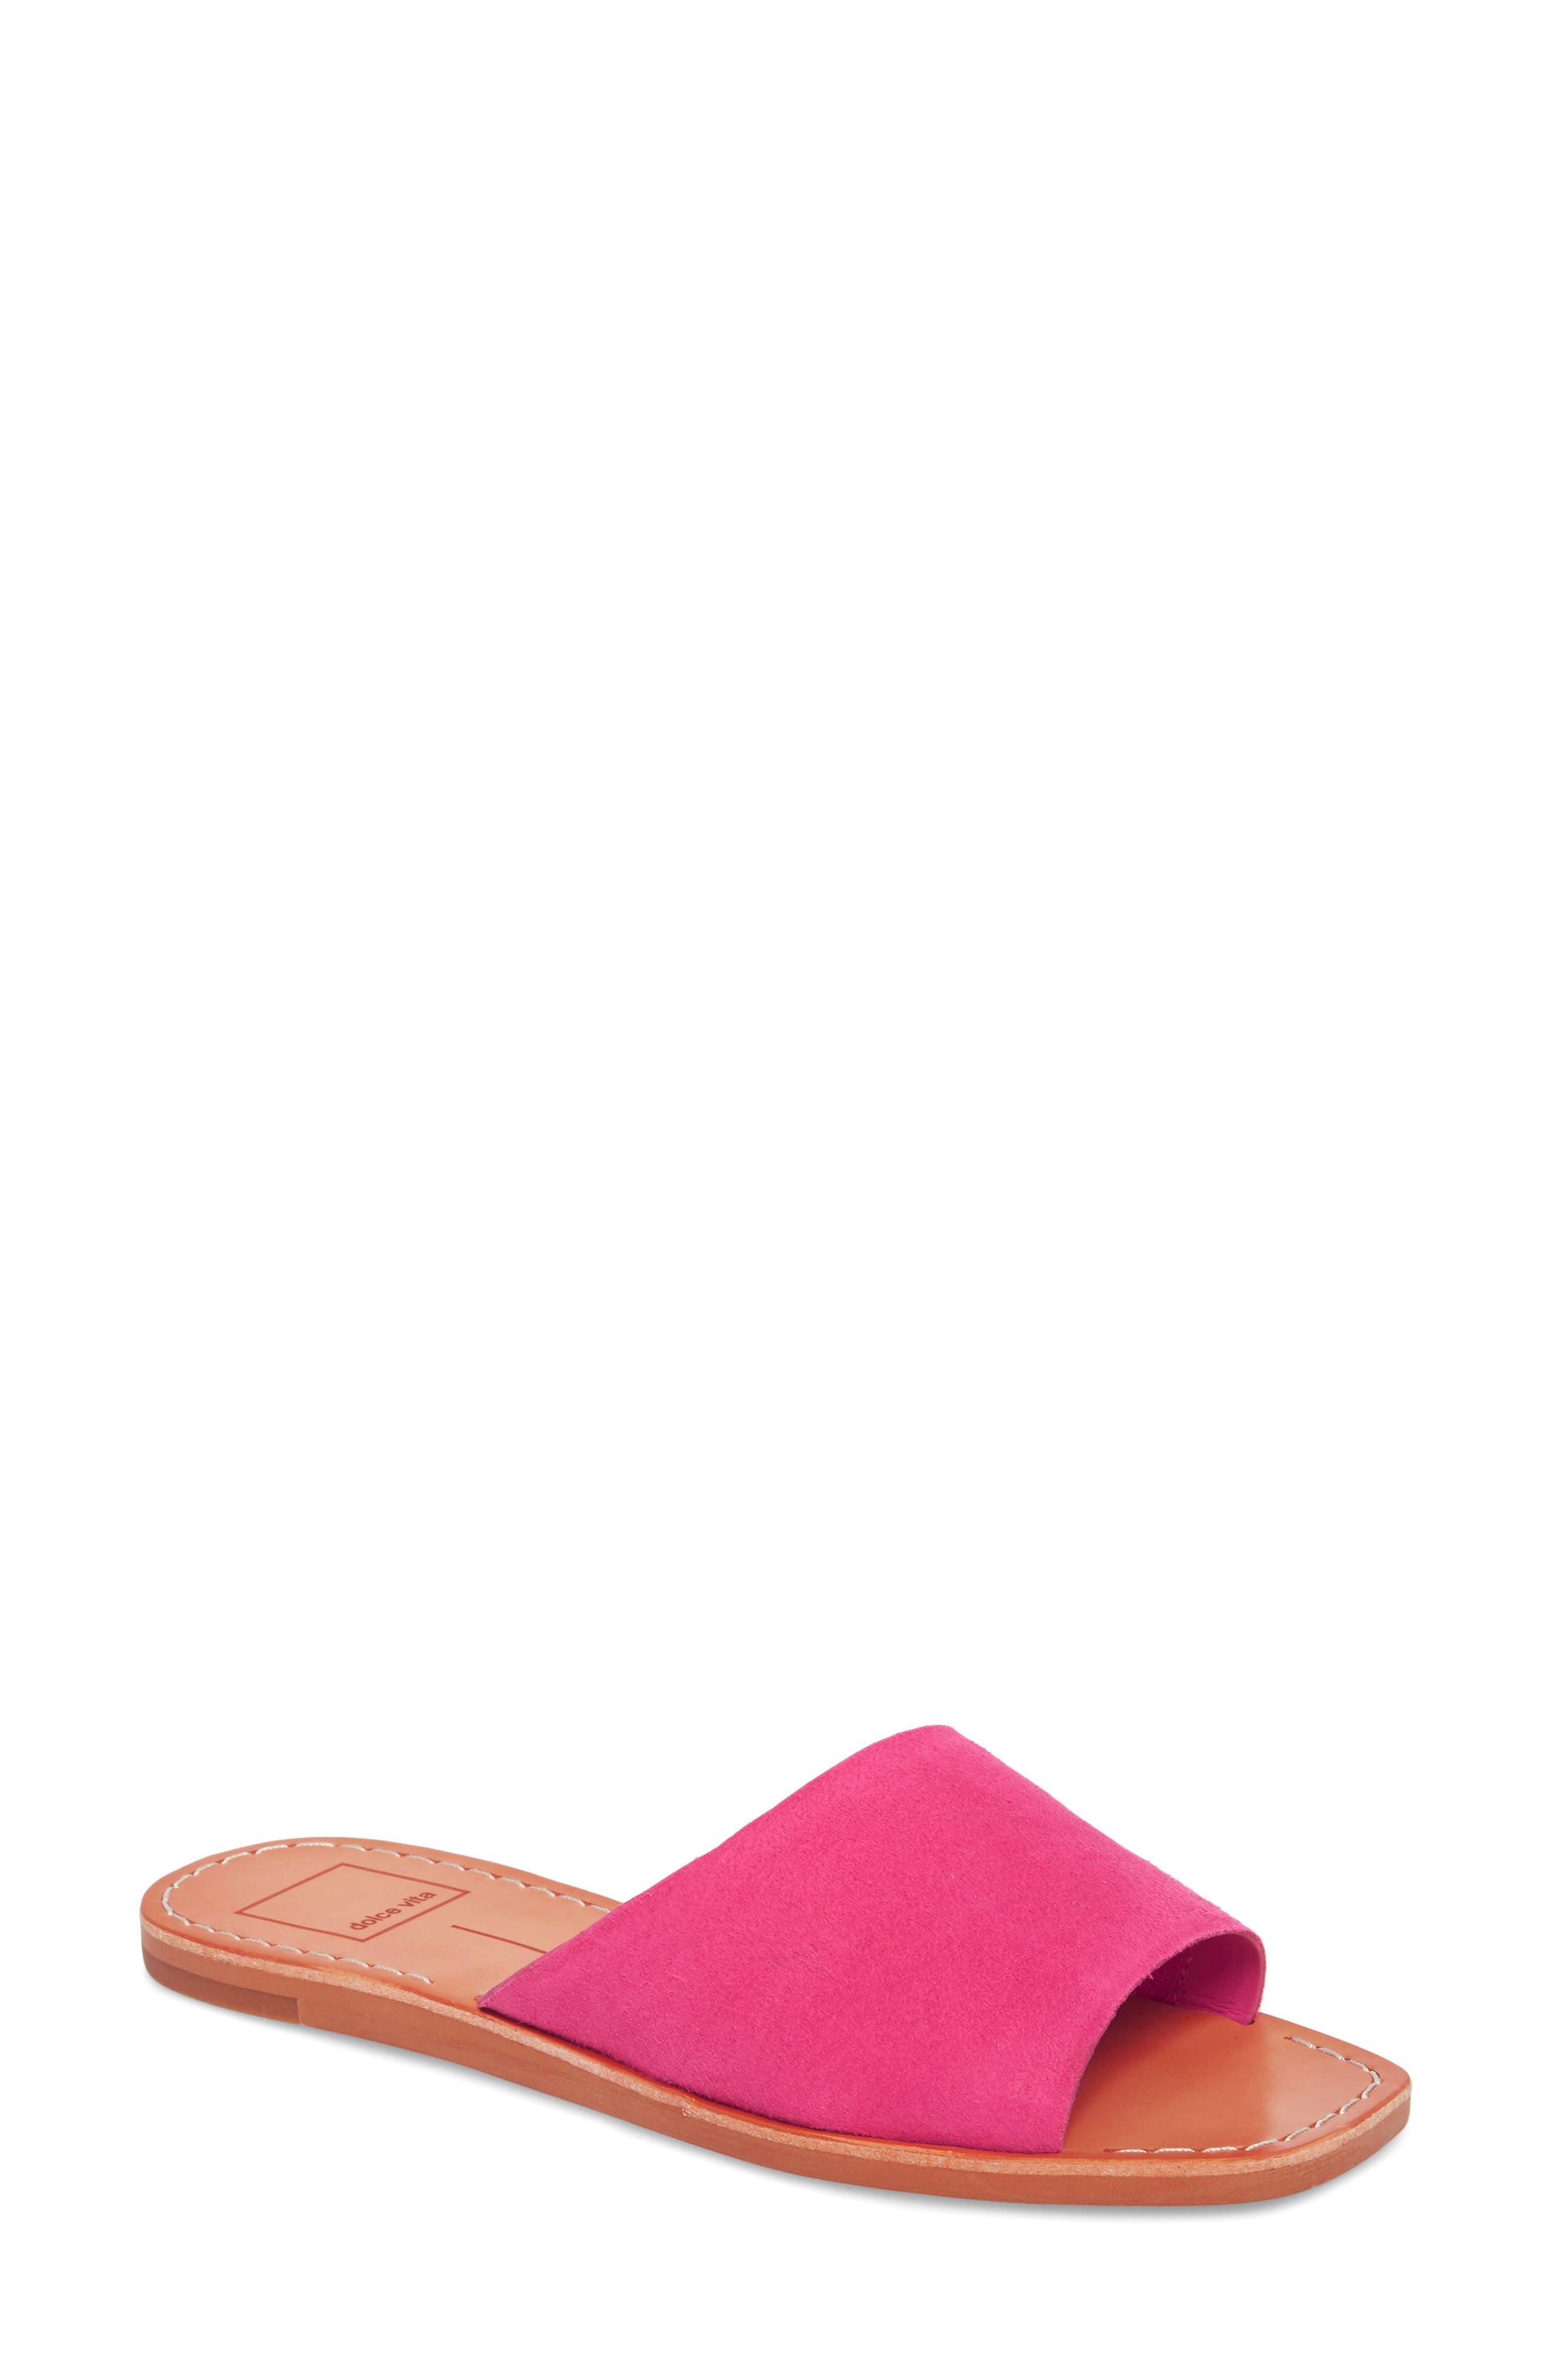 Dolce Vita Cato Asymmetrical Slide Sandal (Women)